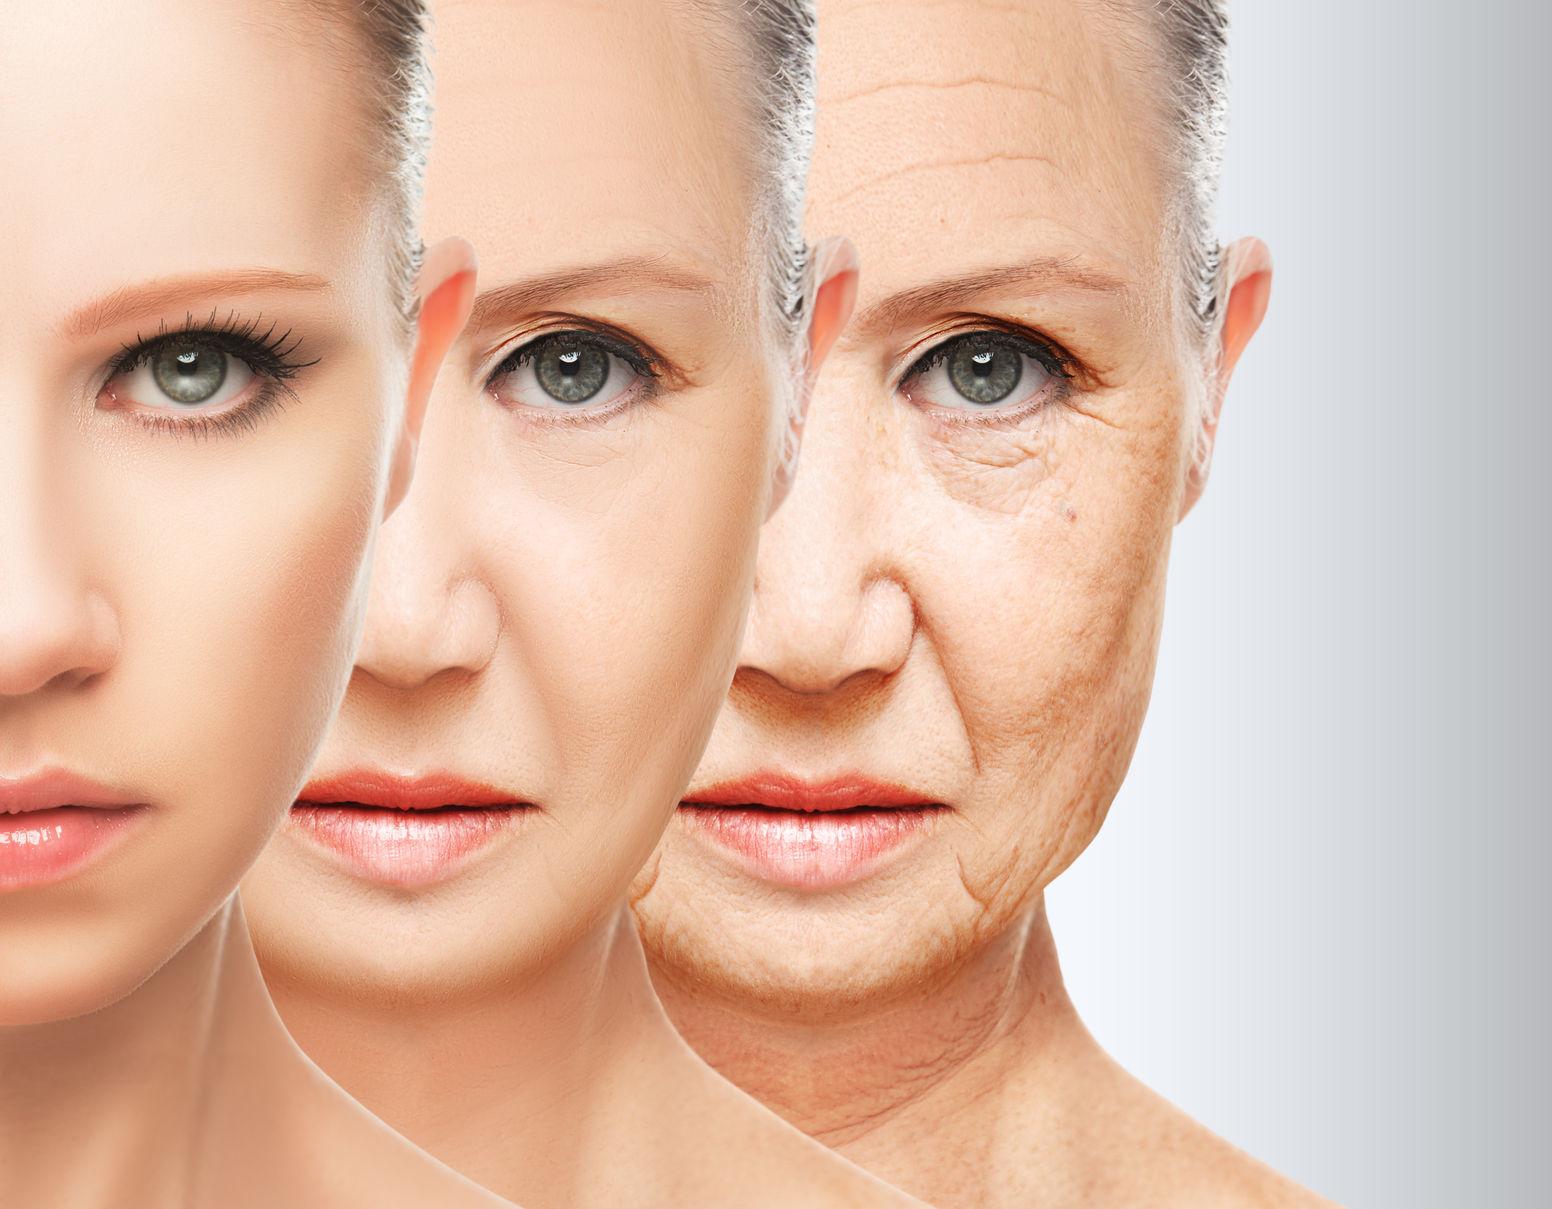 yaşlanma karşıtı krem